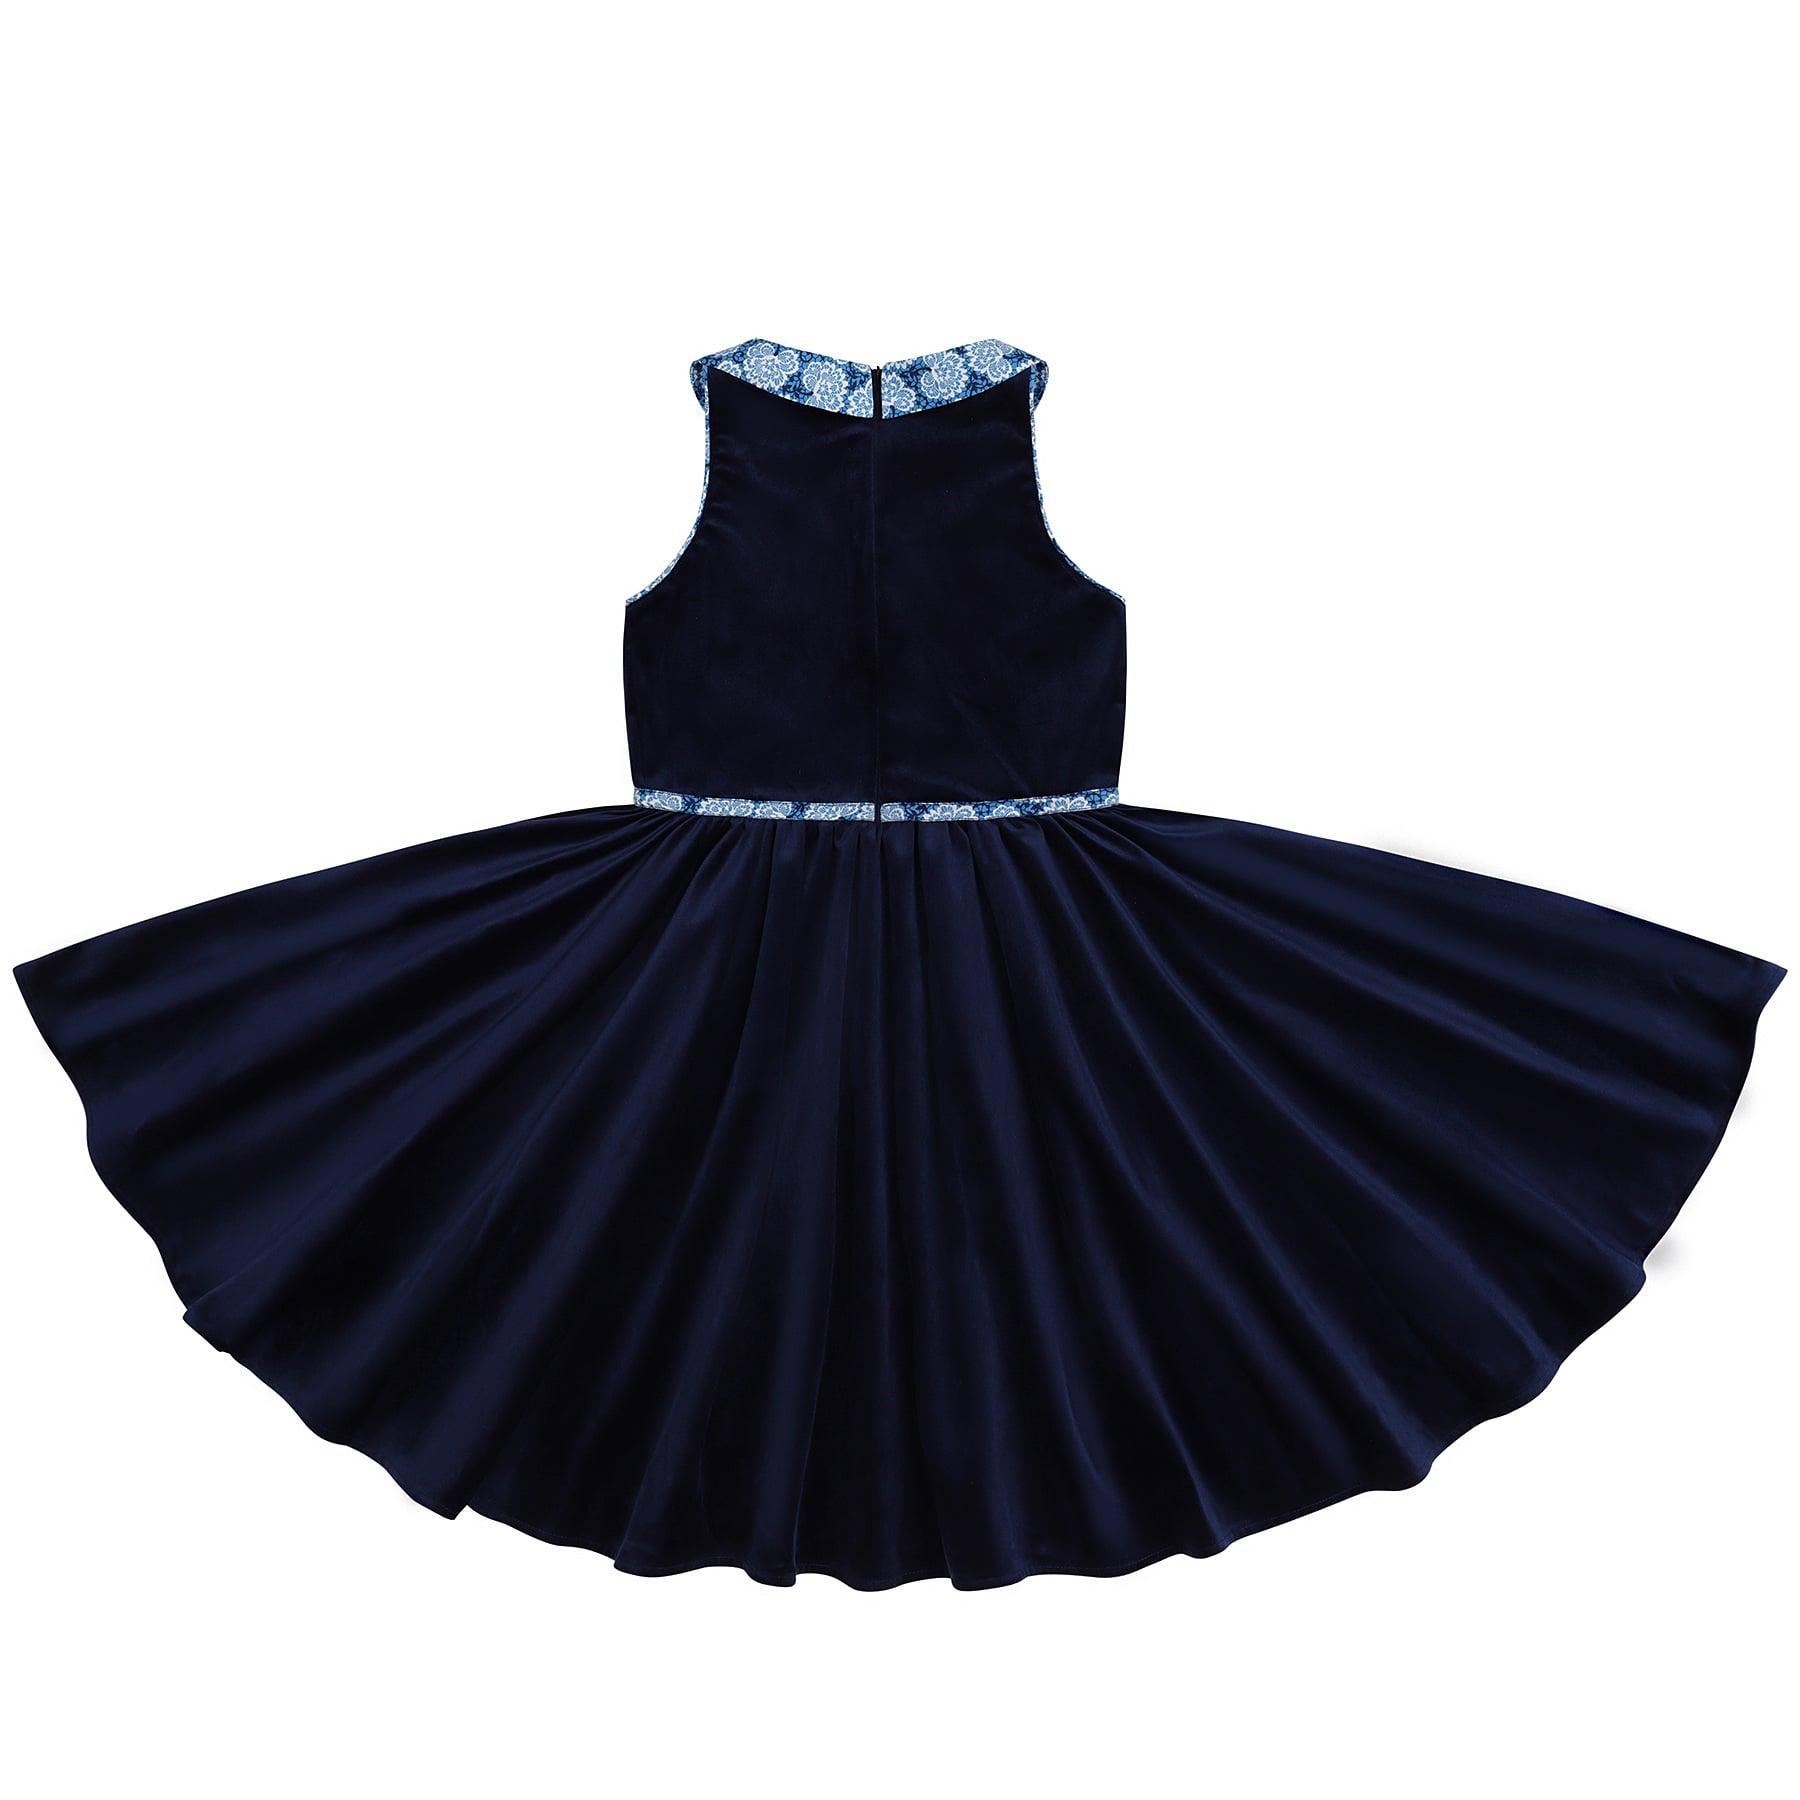 Robe qui tourne en velours milleraies bleu marine et col claudine en coton liberty bleu roi , sans manches. Création modèle HEPBURN de la marque de mode pour enfant rétro chic en commerce équitable LA FAUTE A VOLTAIRE